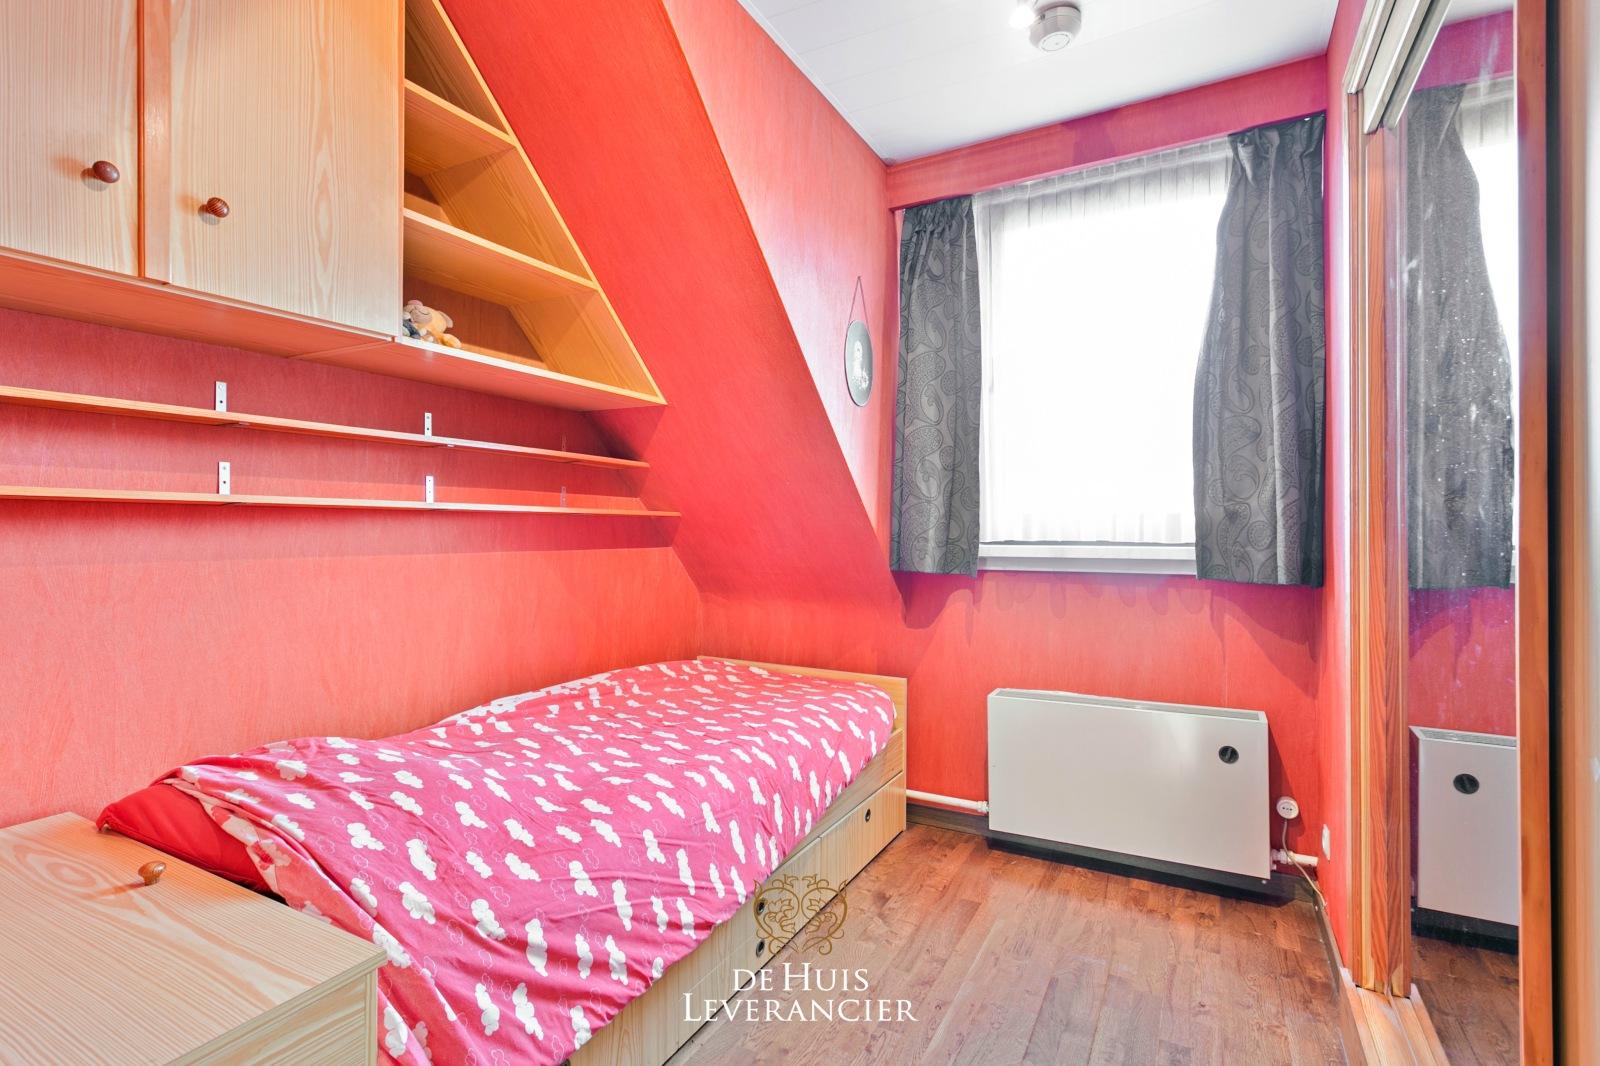 Bel-étage Aartselaar 2630